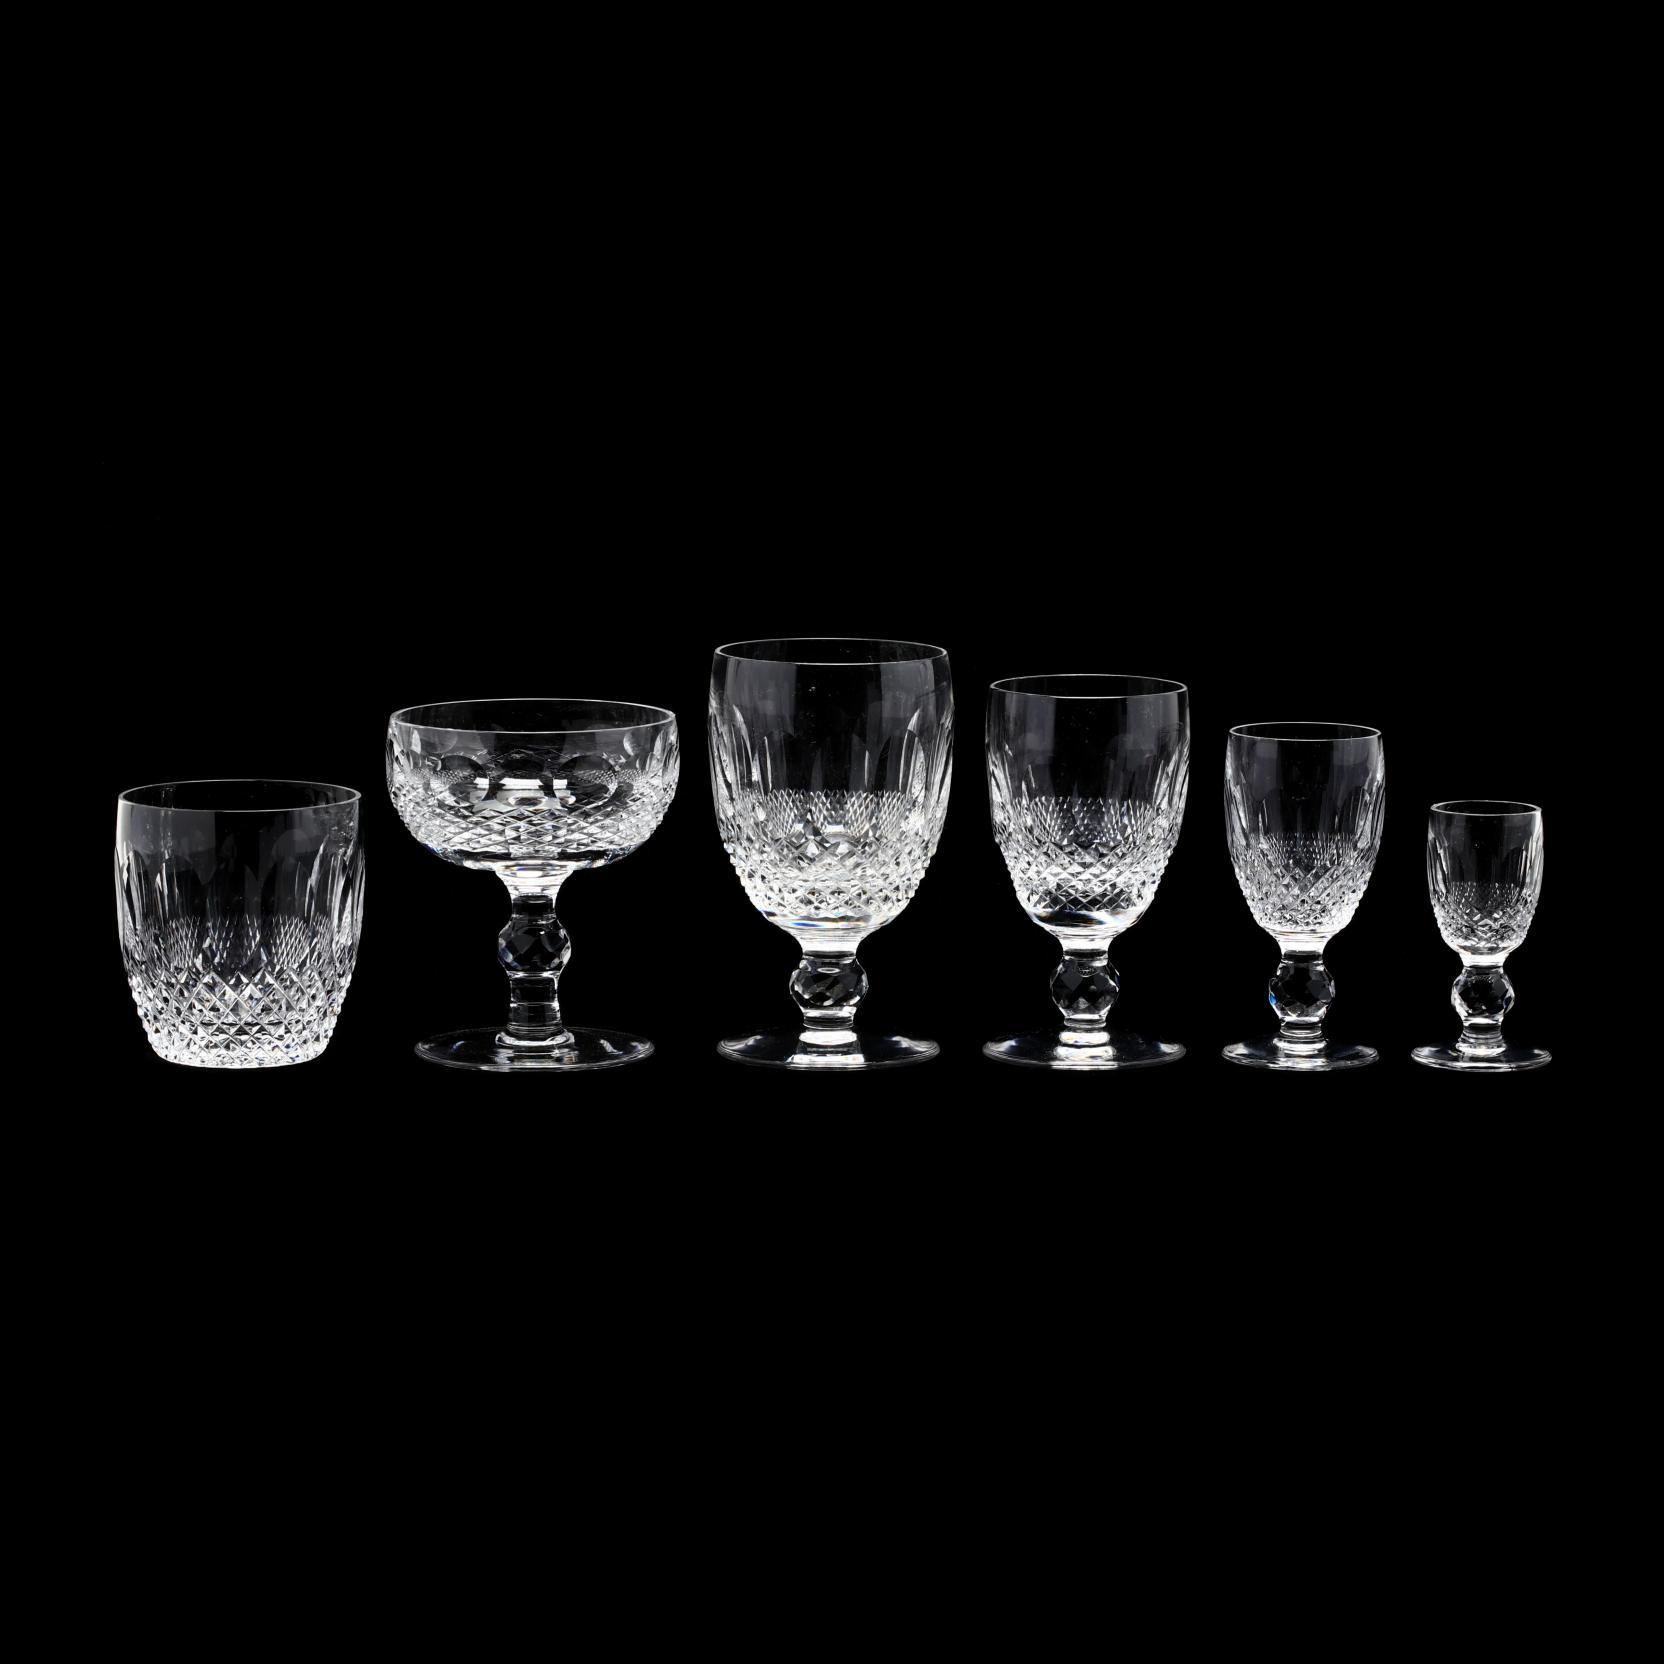 waterford-colleen-crystal-stemware-suite